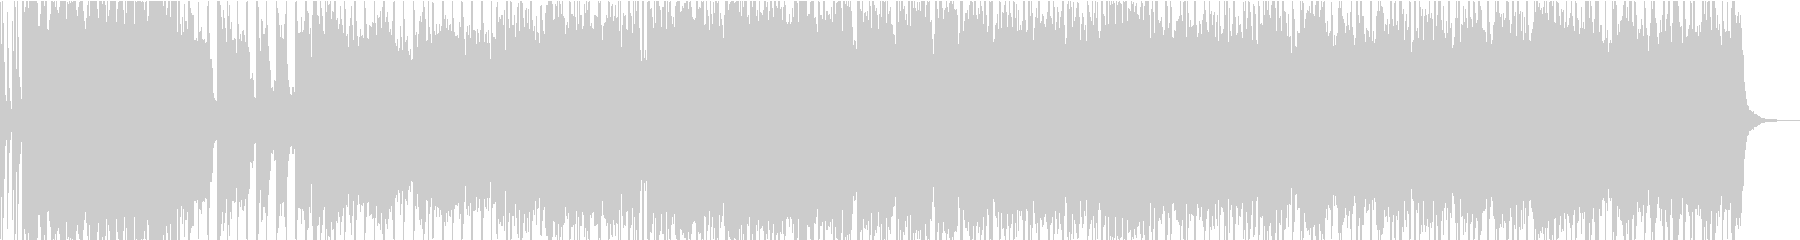 アンセム指向のインストゥルメンタル...の未再生の波形